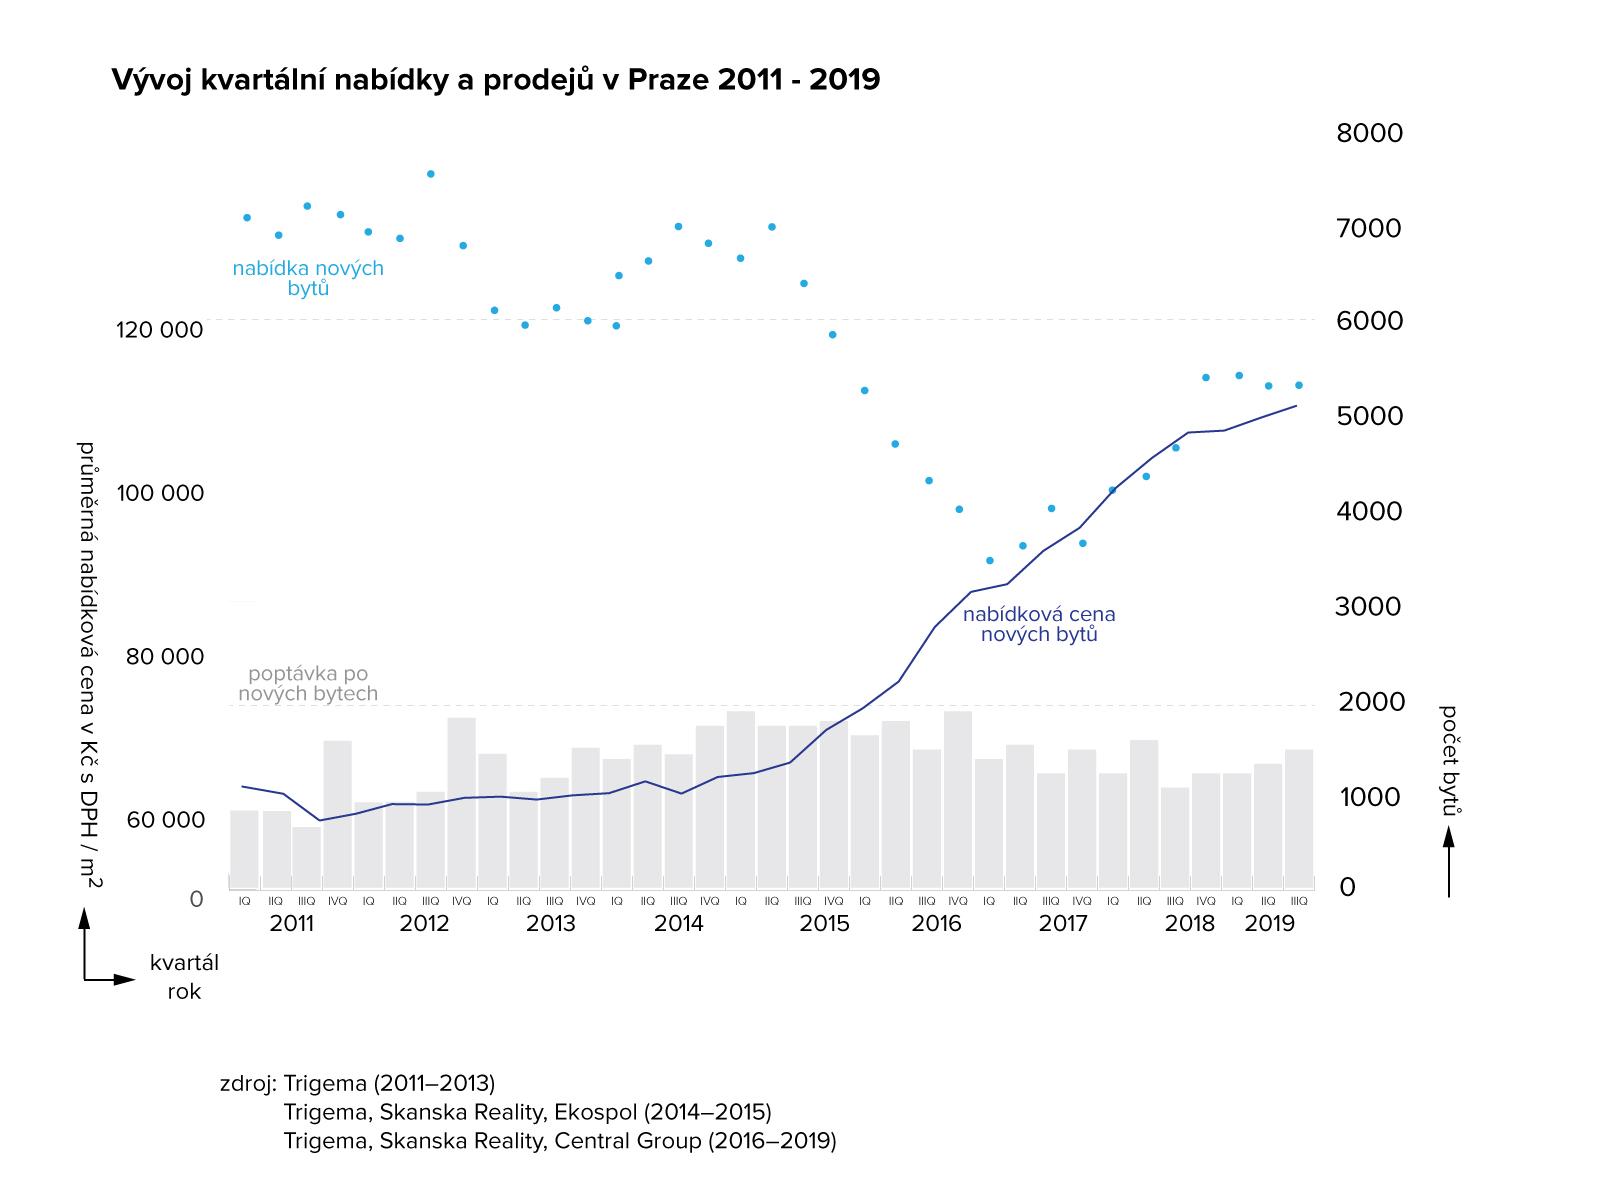 Vývoj nabídky, pooptávky a ceny nových bytů 2011-2019